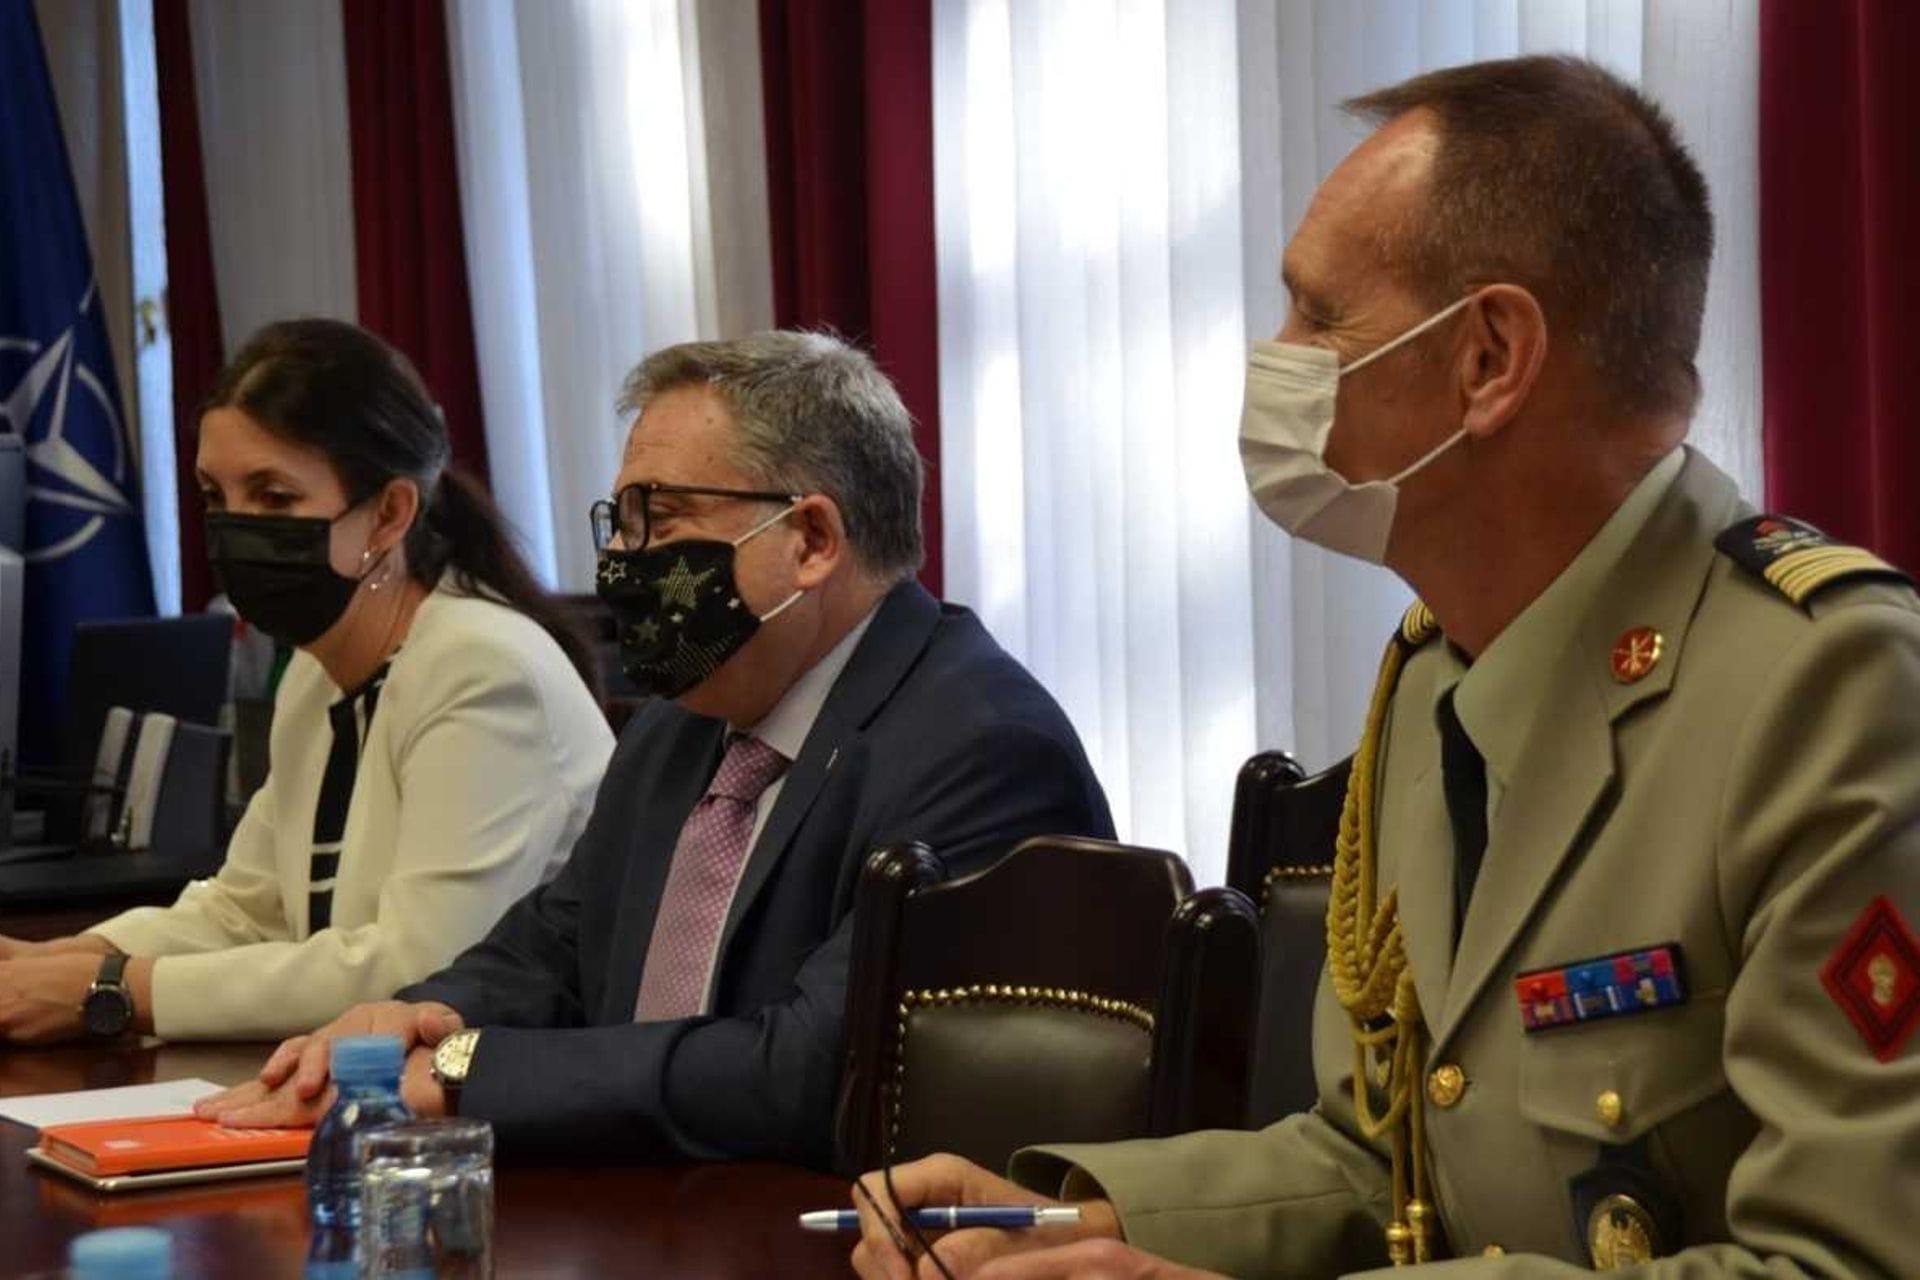 Načelnik Generalštaba sastao se sa ambasadorom i izaslanikom odbrane Republike Francuske